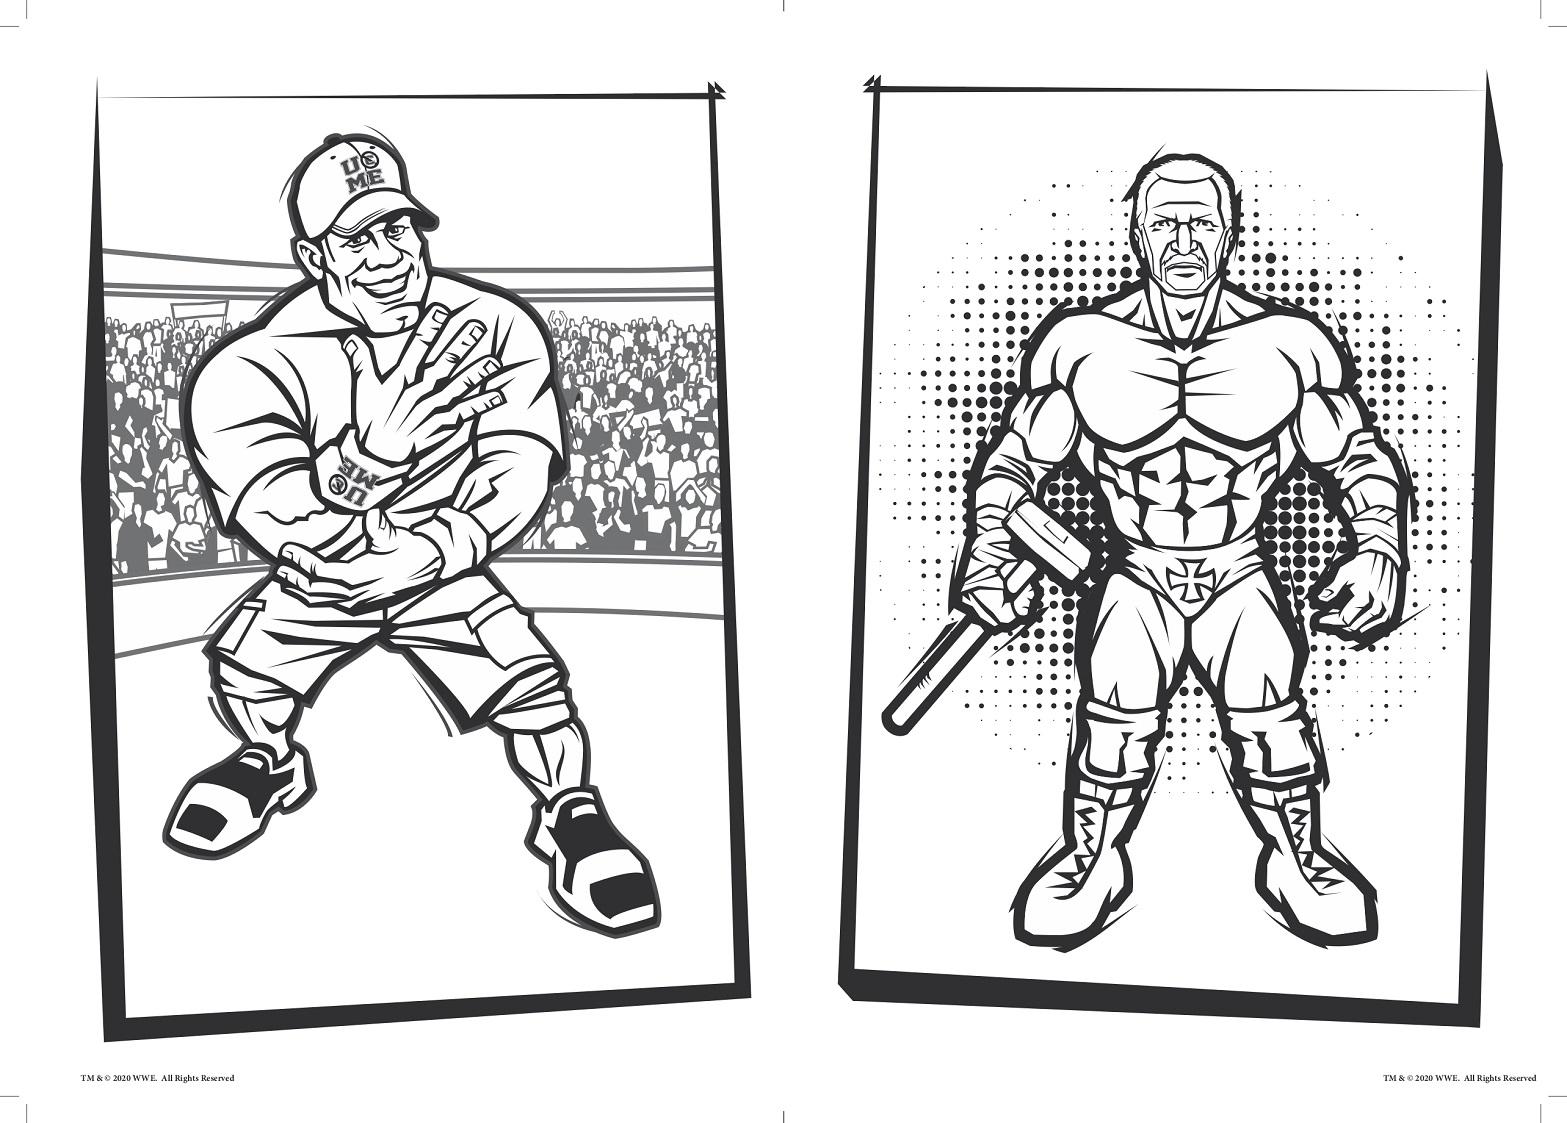 Wrestling Da Colorare.Coronavirus La Wwe Pensa Ai Piu Piccoli Libro Da Colorare Pixel Puzzle E Aj Styles